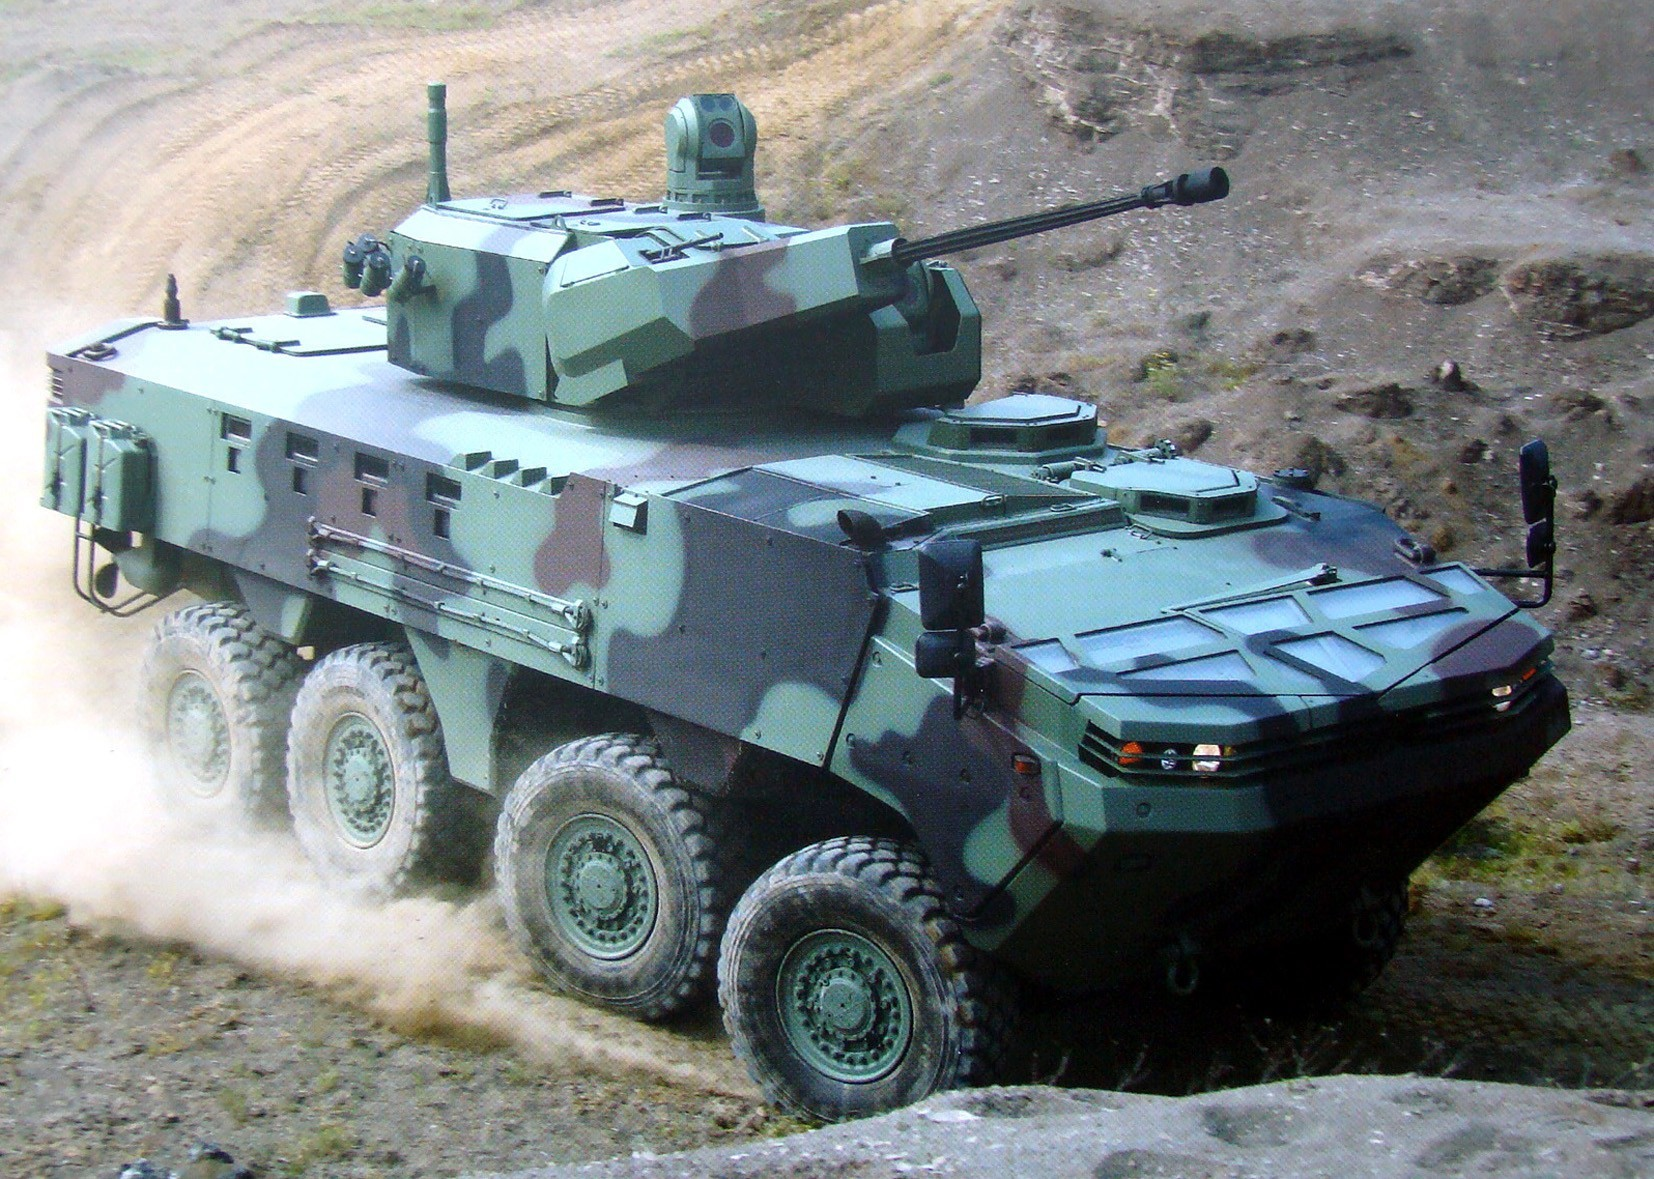 Бронемашина Arma с башней Mizrak-30 и автоматической 30-мм пушкой